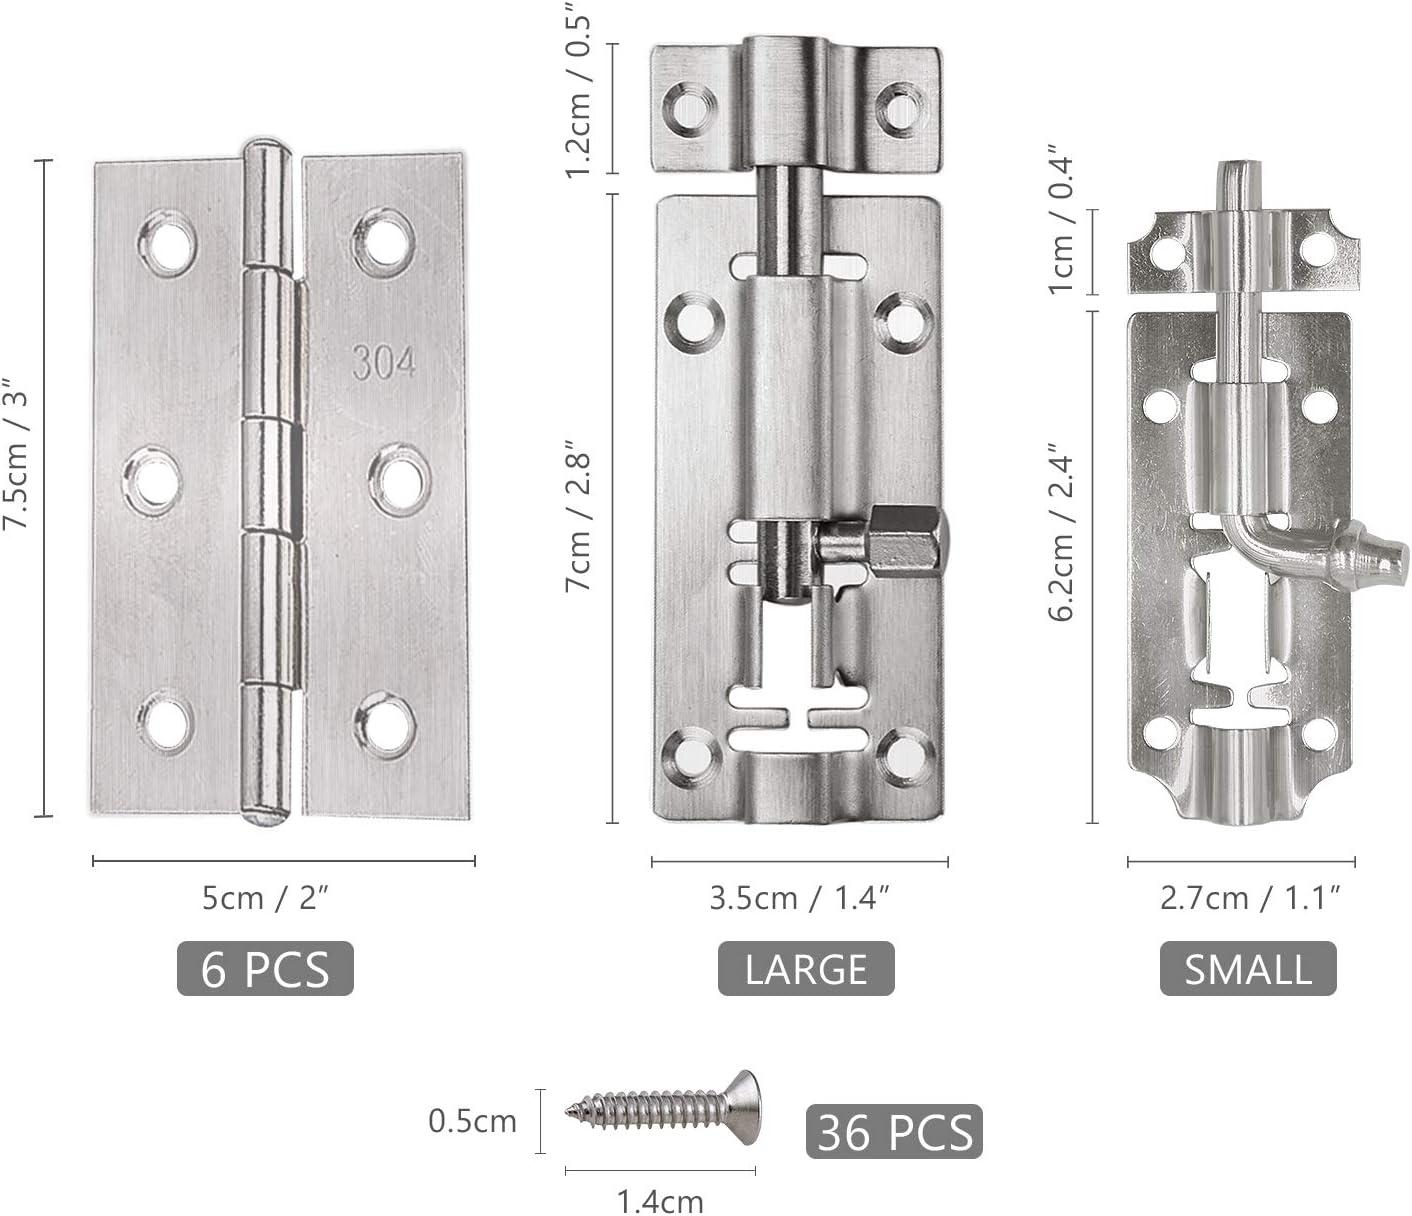 10 bisagras de acero inoxidable de 5 cm con 75 tornillos de acero inoxidable acero inoxidable 5 cierres deslizantes de 5 cm